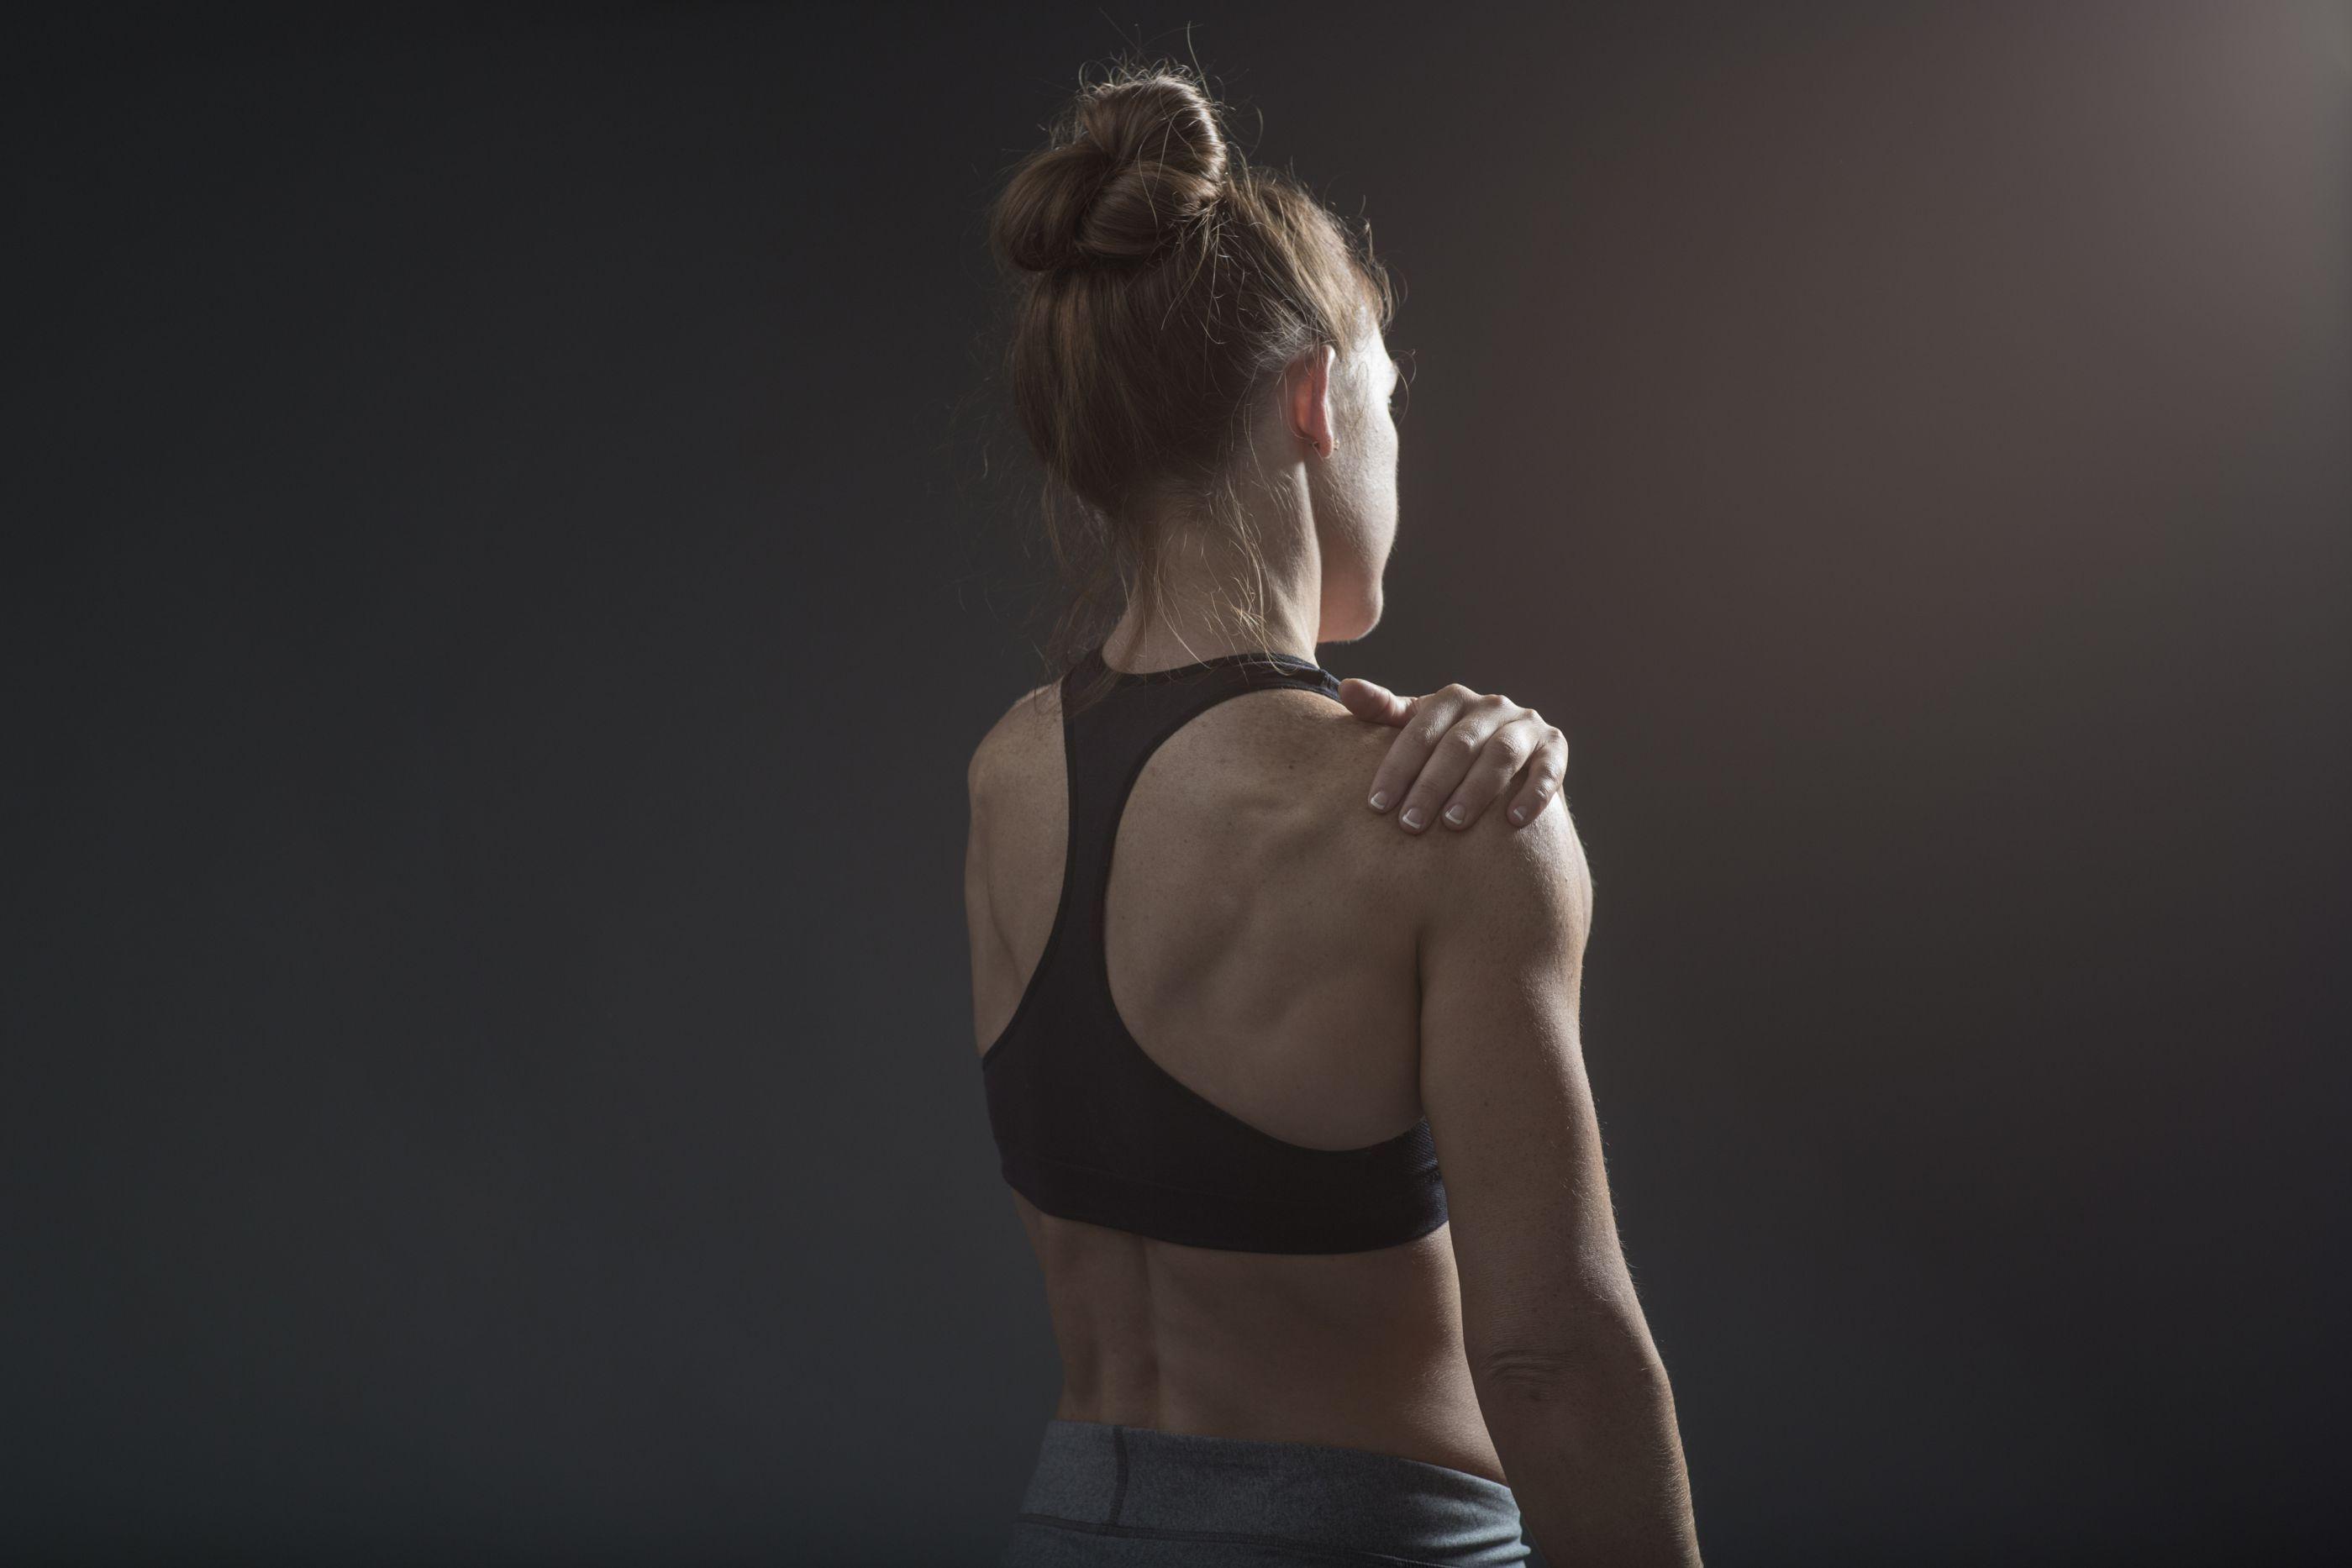 Fisioterapeuta, osteopata ou quiroprata, qual a diferença? Entenda